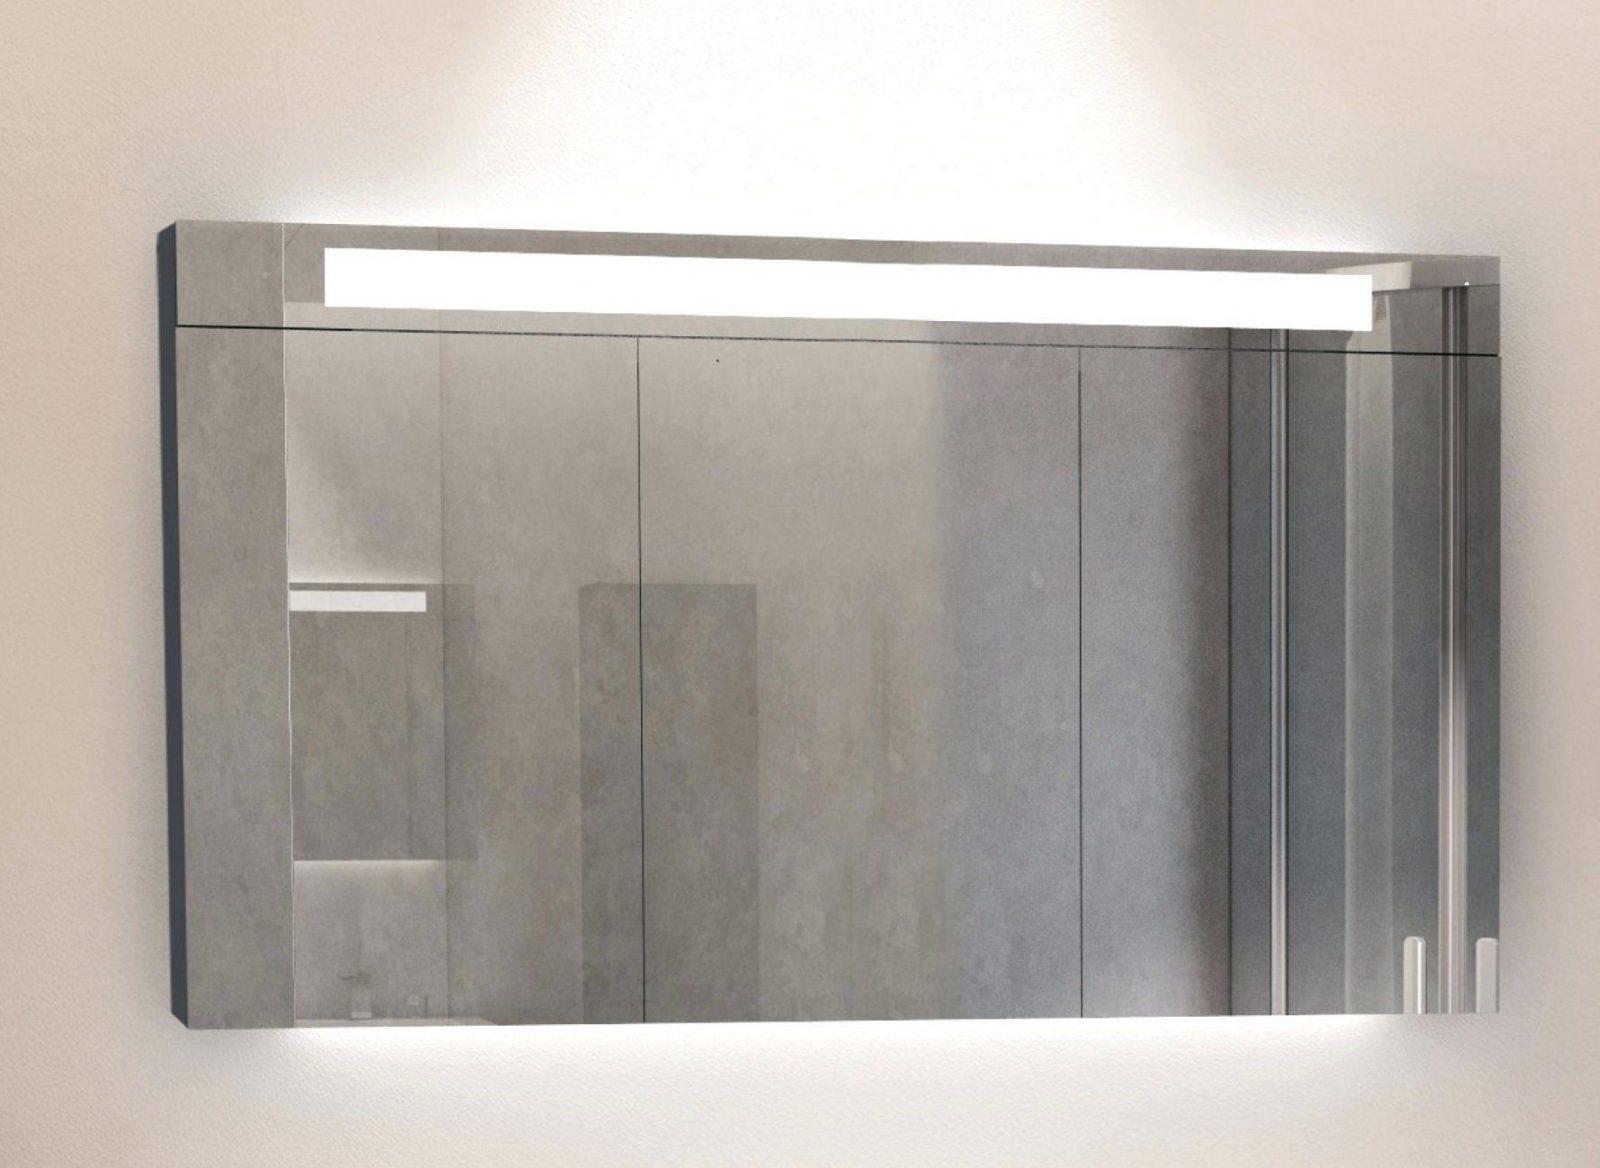 Spiegelschrank Bad Mit Beleuchtung Ikea: Spiegelschrank Steckdose Bad Mit Licht Und Beleuchtung